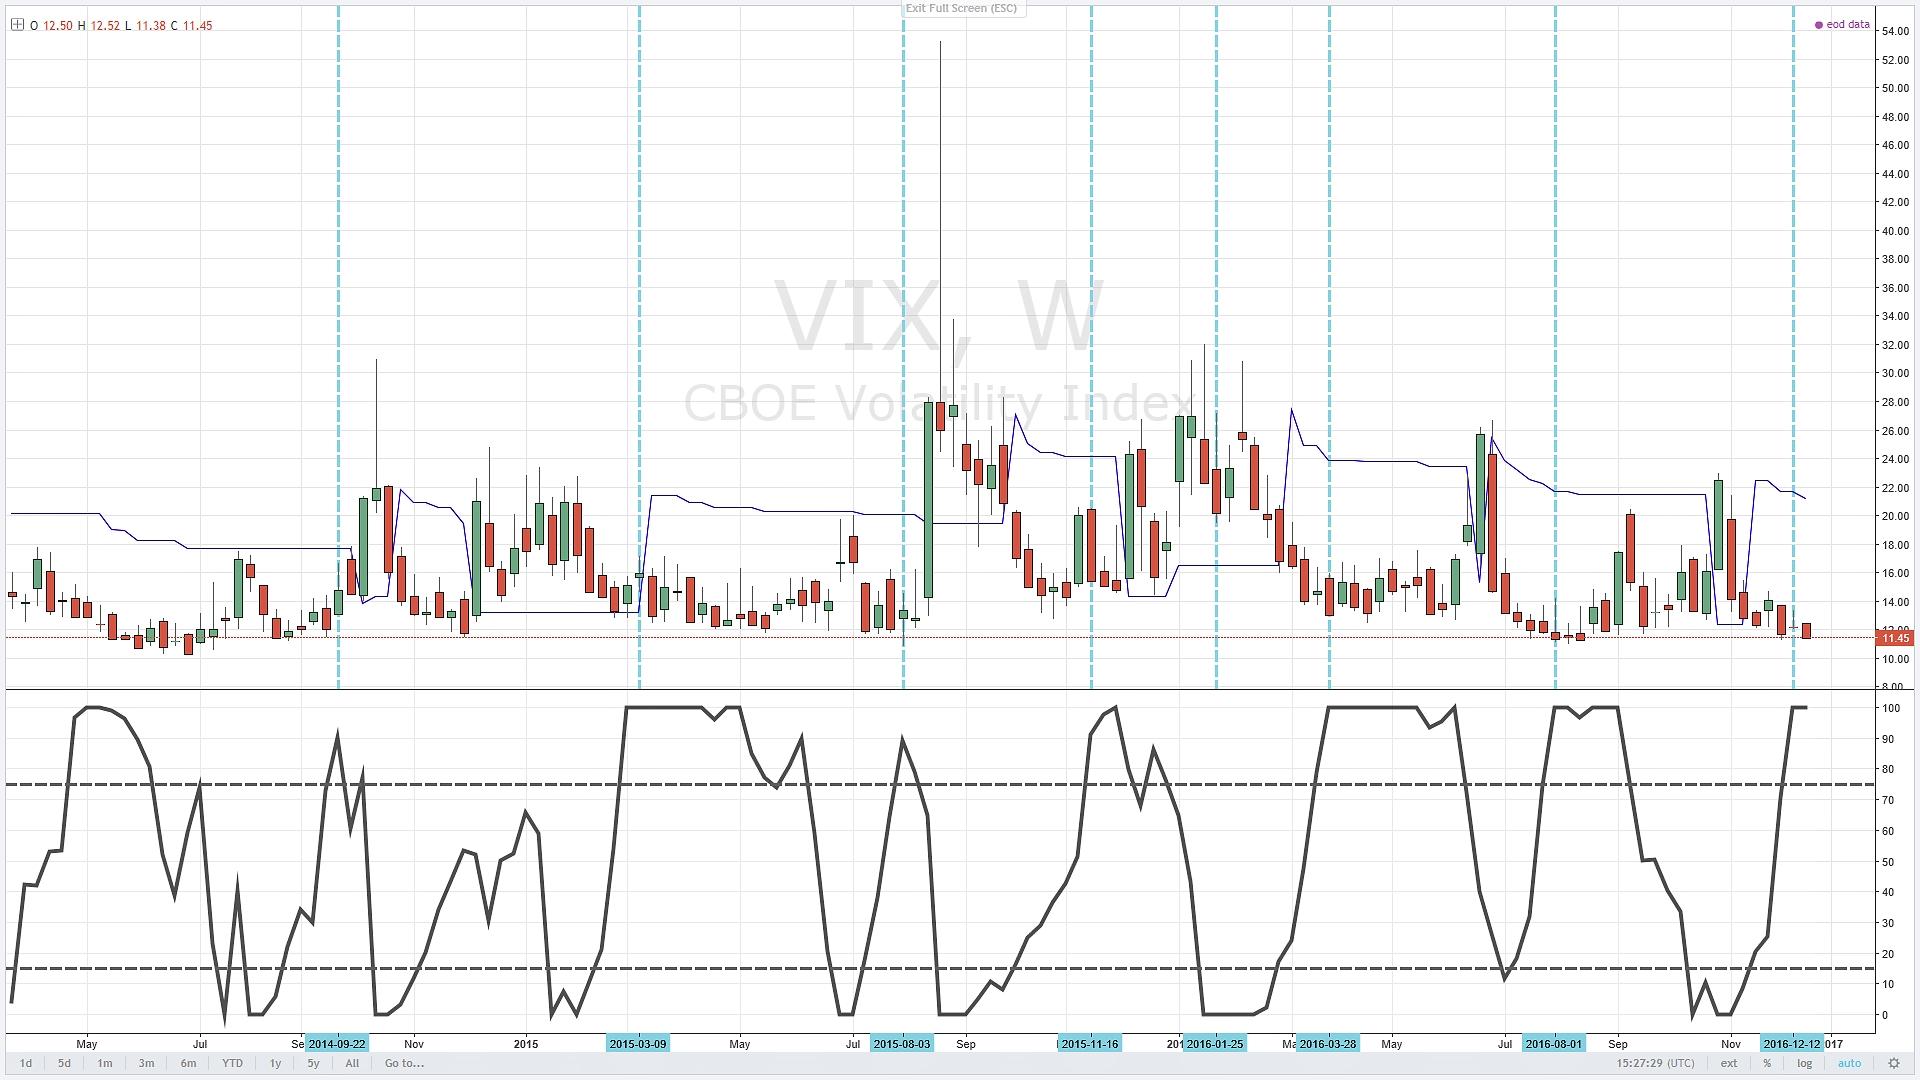 vix-cot